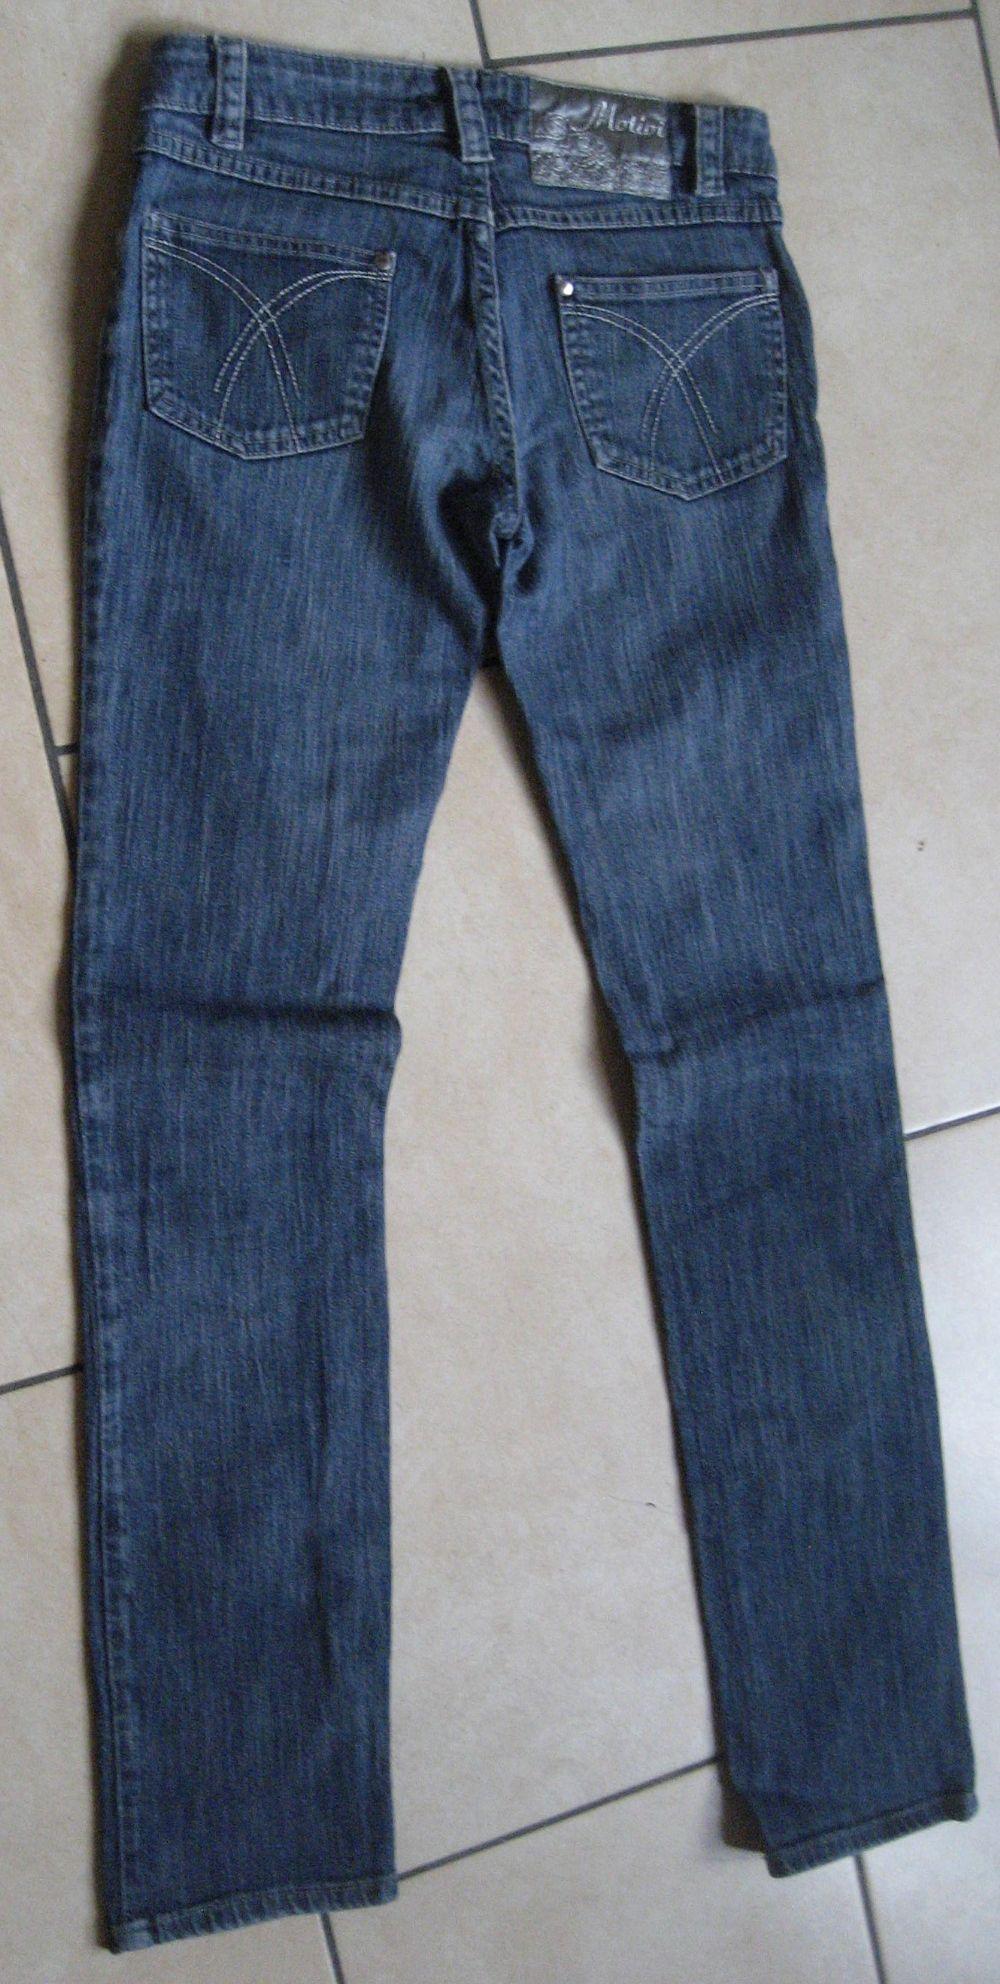 Descrizione jeans Motivi vestono una taglia 40 foto 3 il dietro vita bassa  ben tenuti come in foto 0c3a5055dbe4